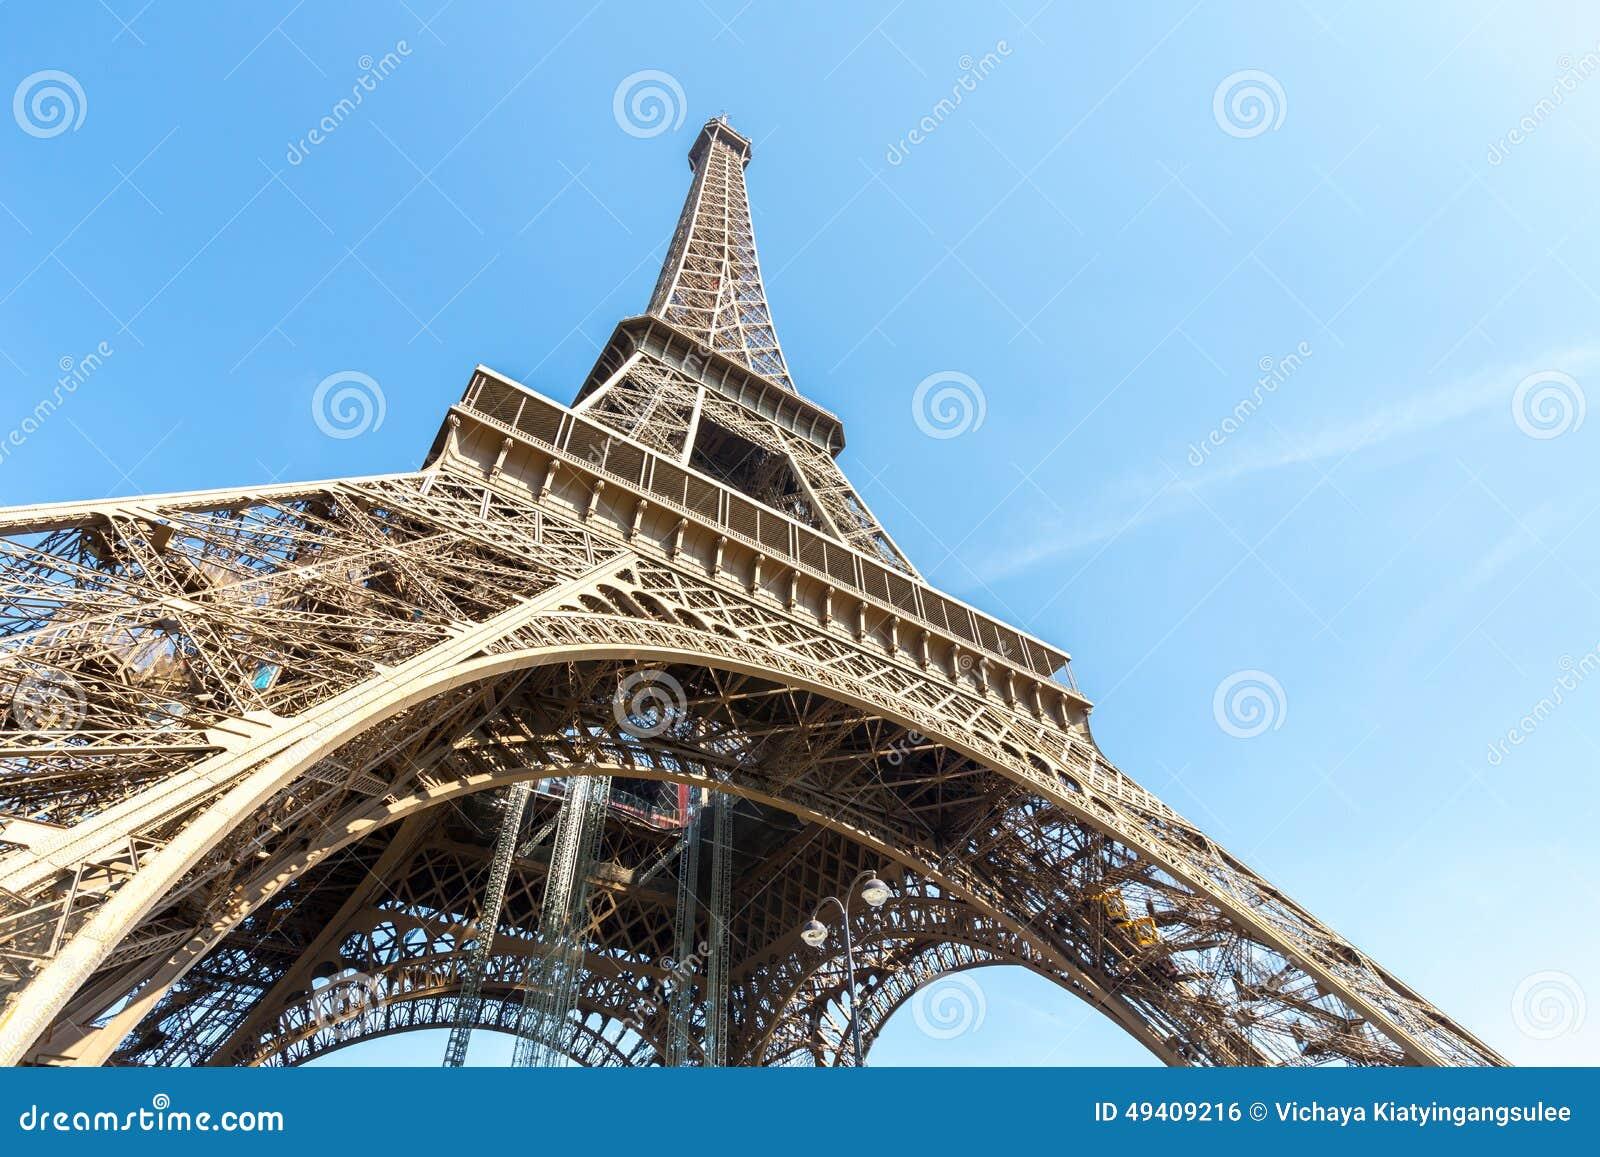 Download Eiffelturm-Paris-Sommer stockfoto. Bild von architektur - 49409216